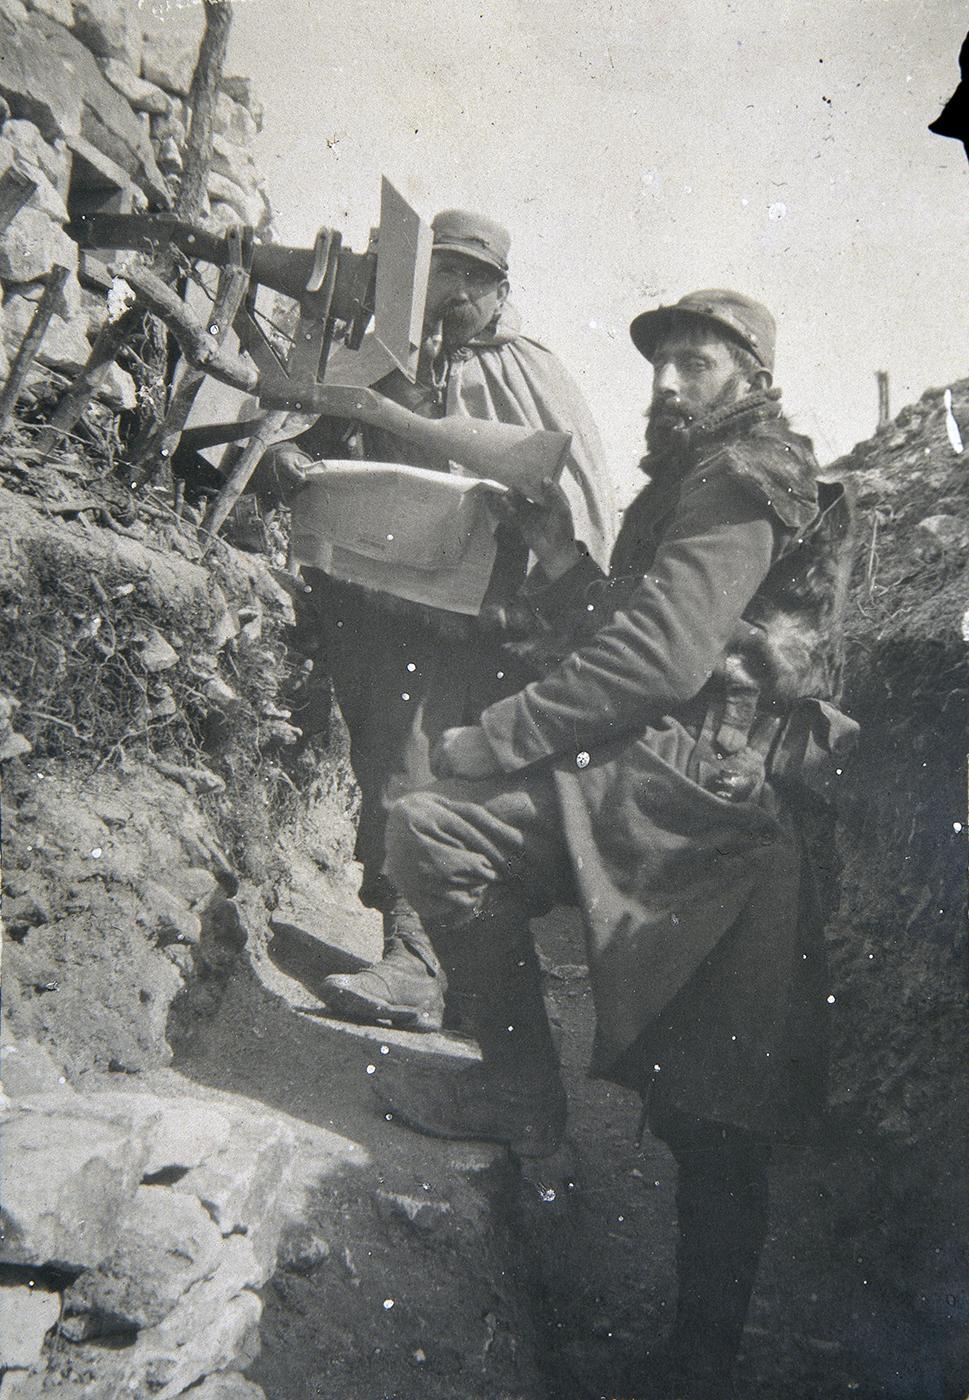 1915. Két francia katona periszkópfegyvert használ a lövészárokban..jpg